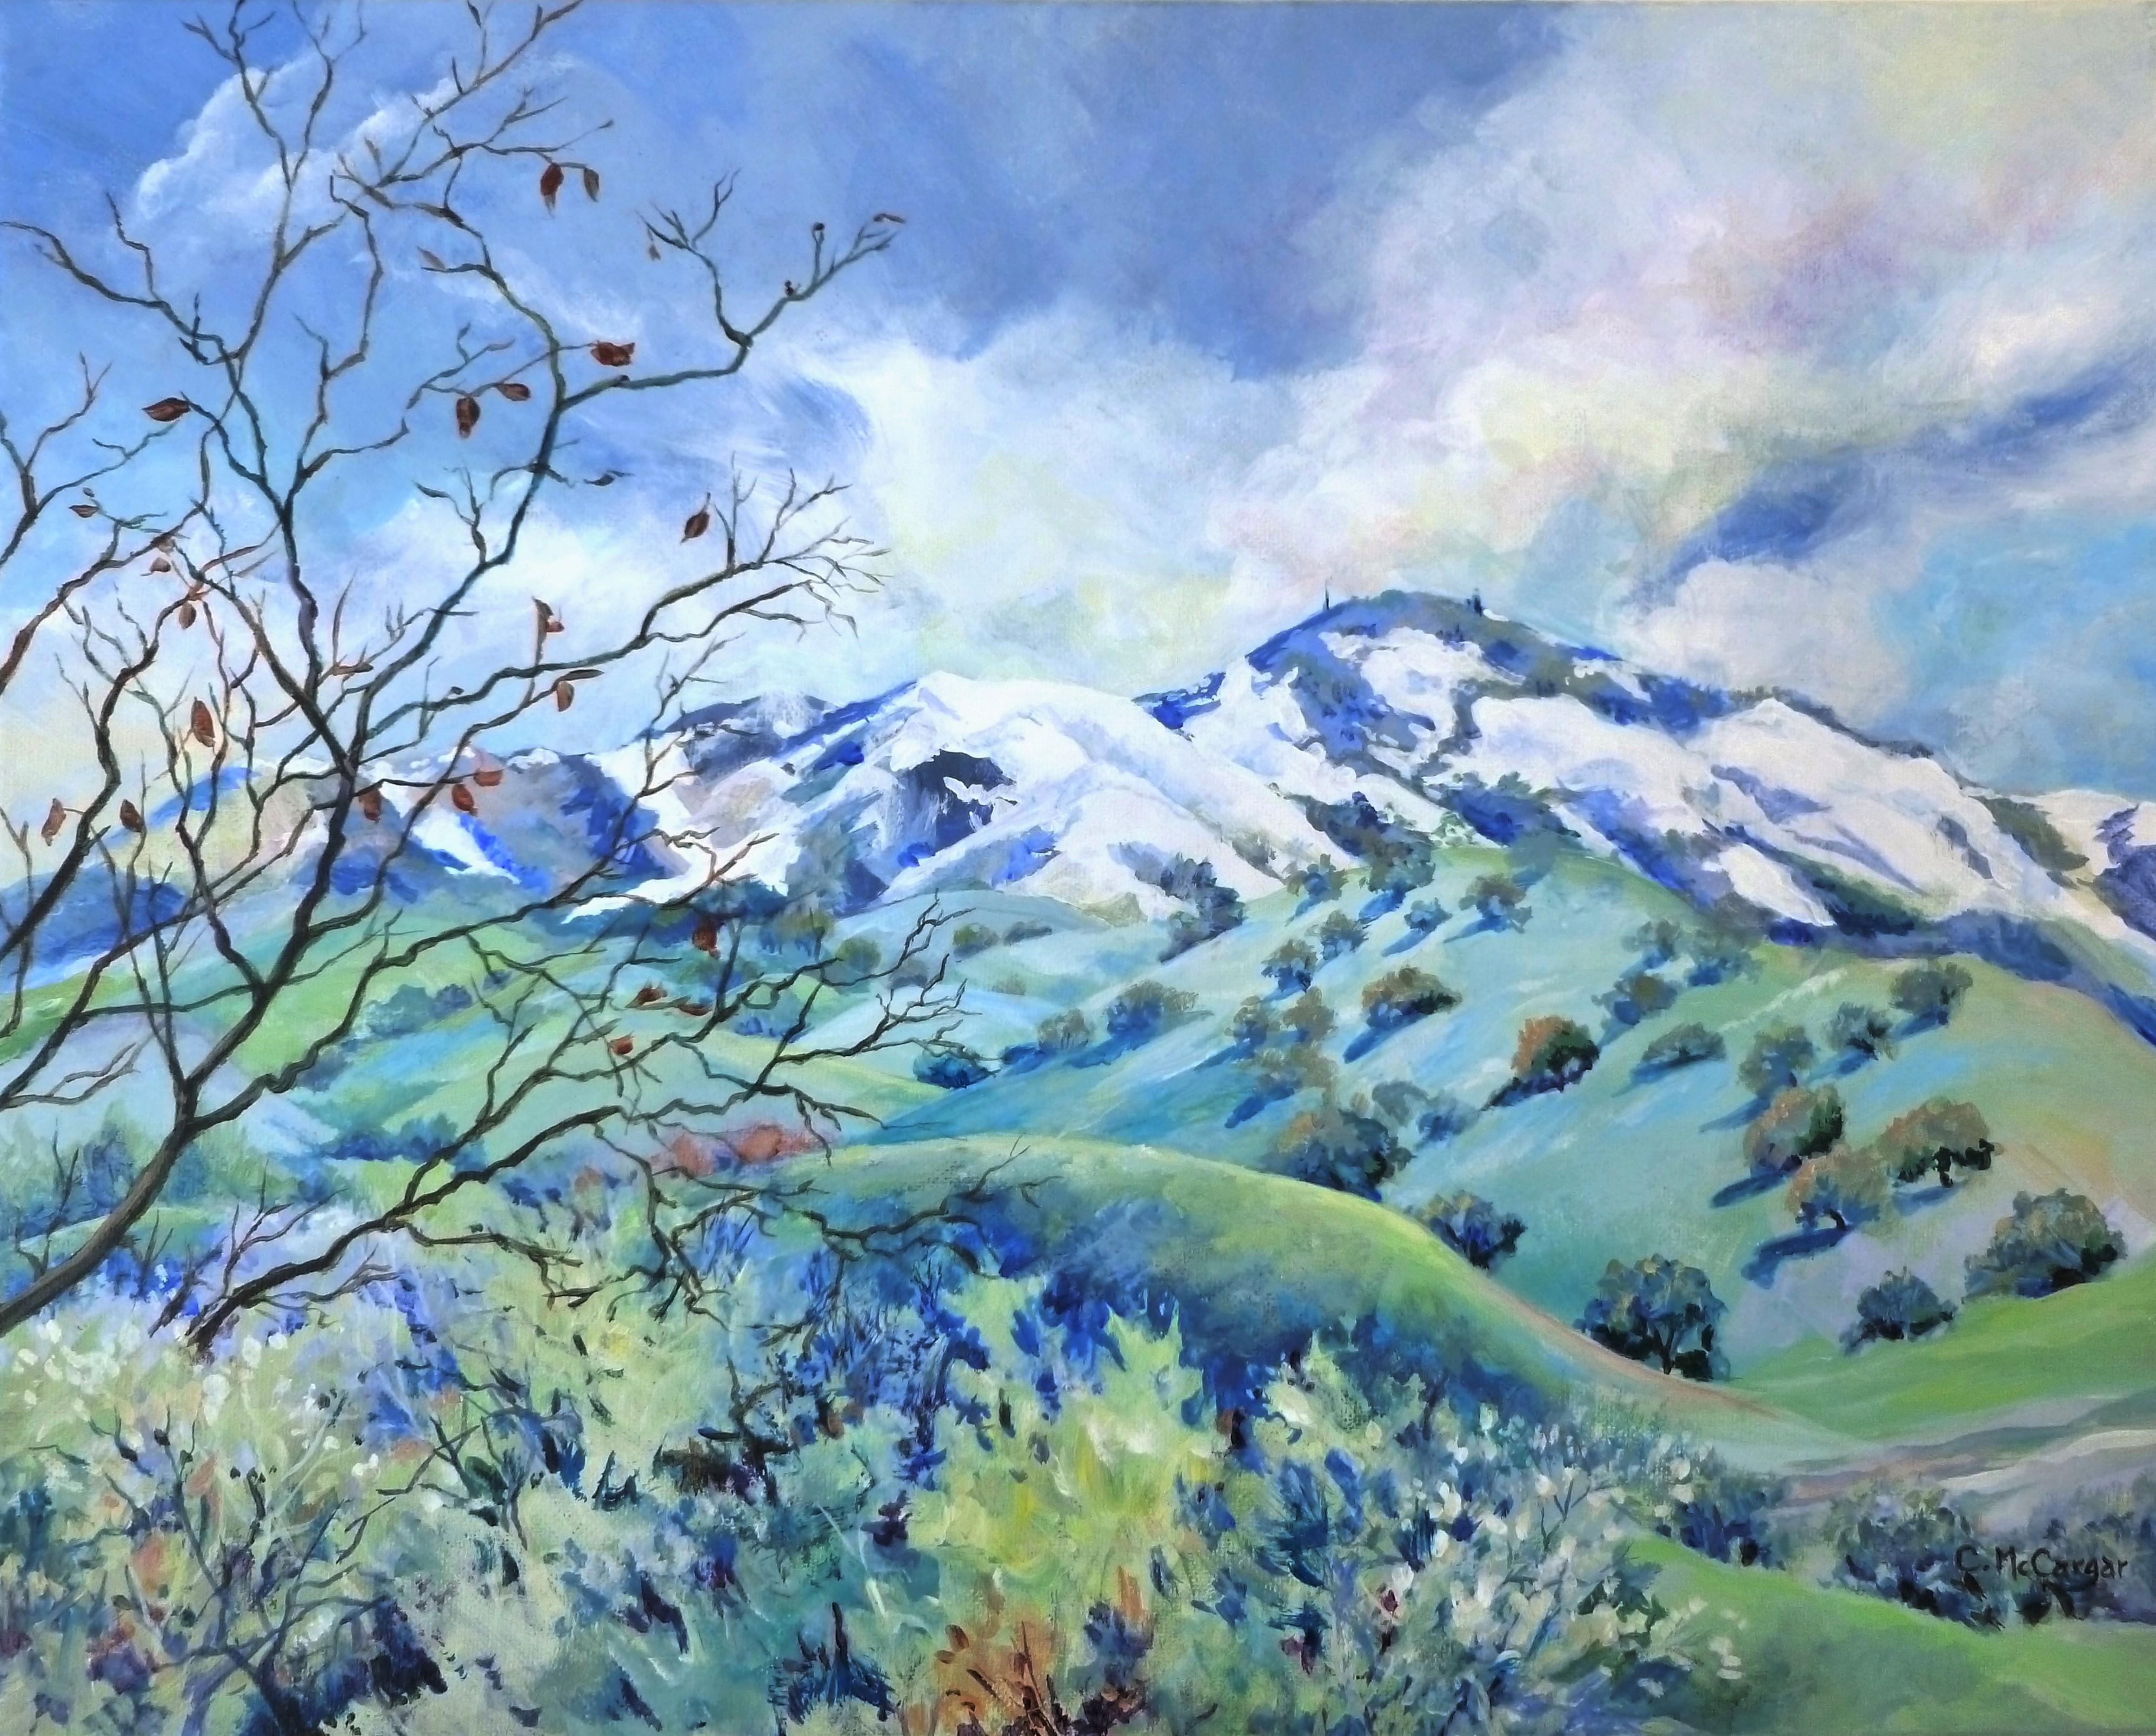 Snow Kissed Mt. Diablo, Original Painting